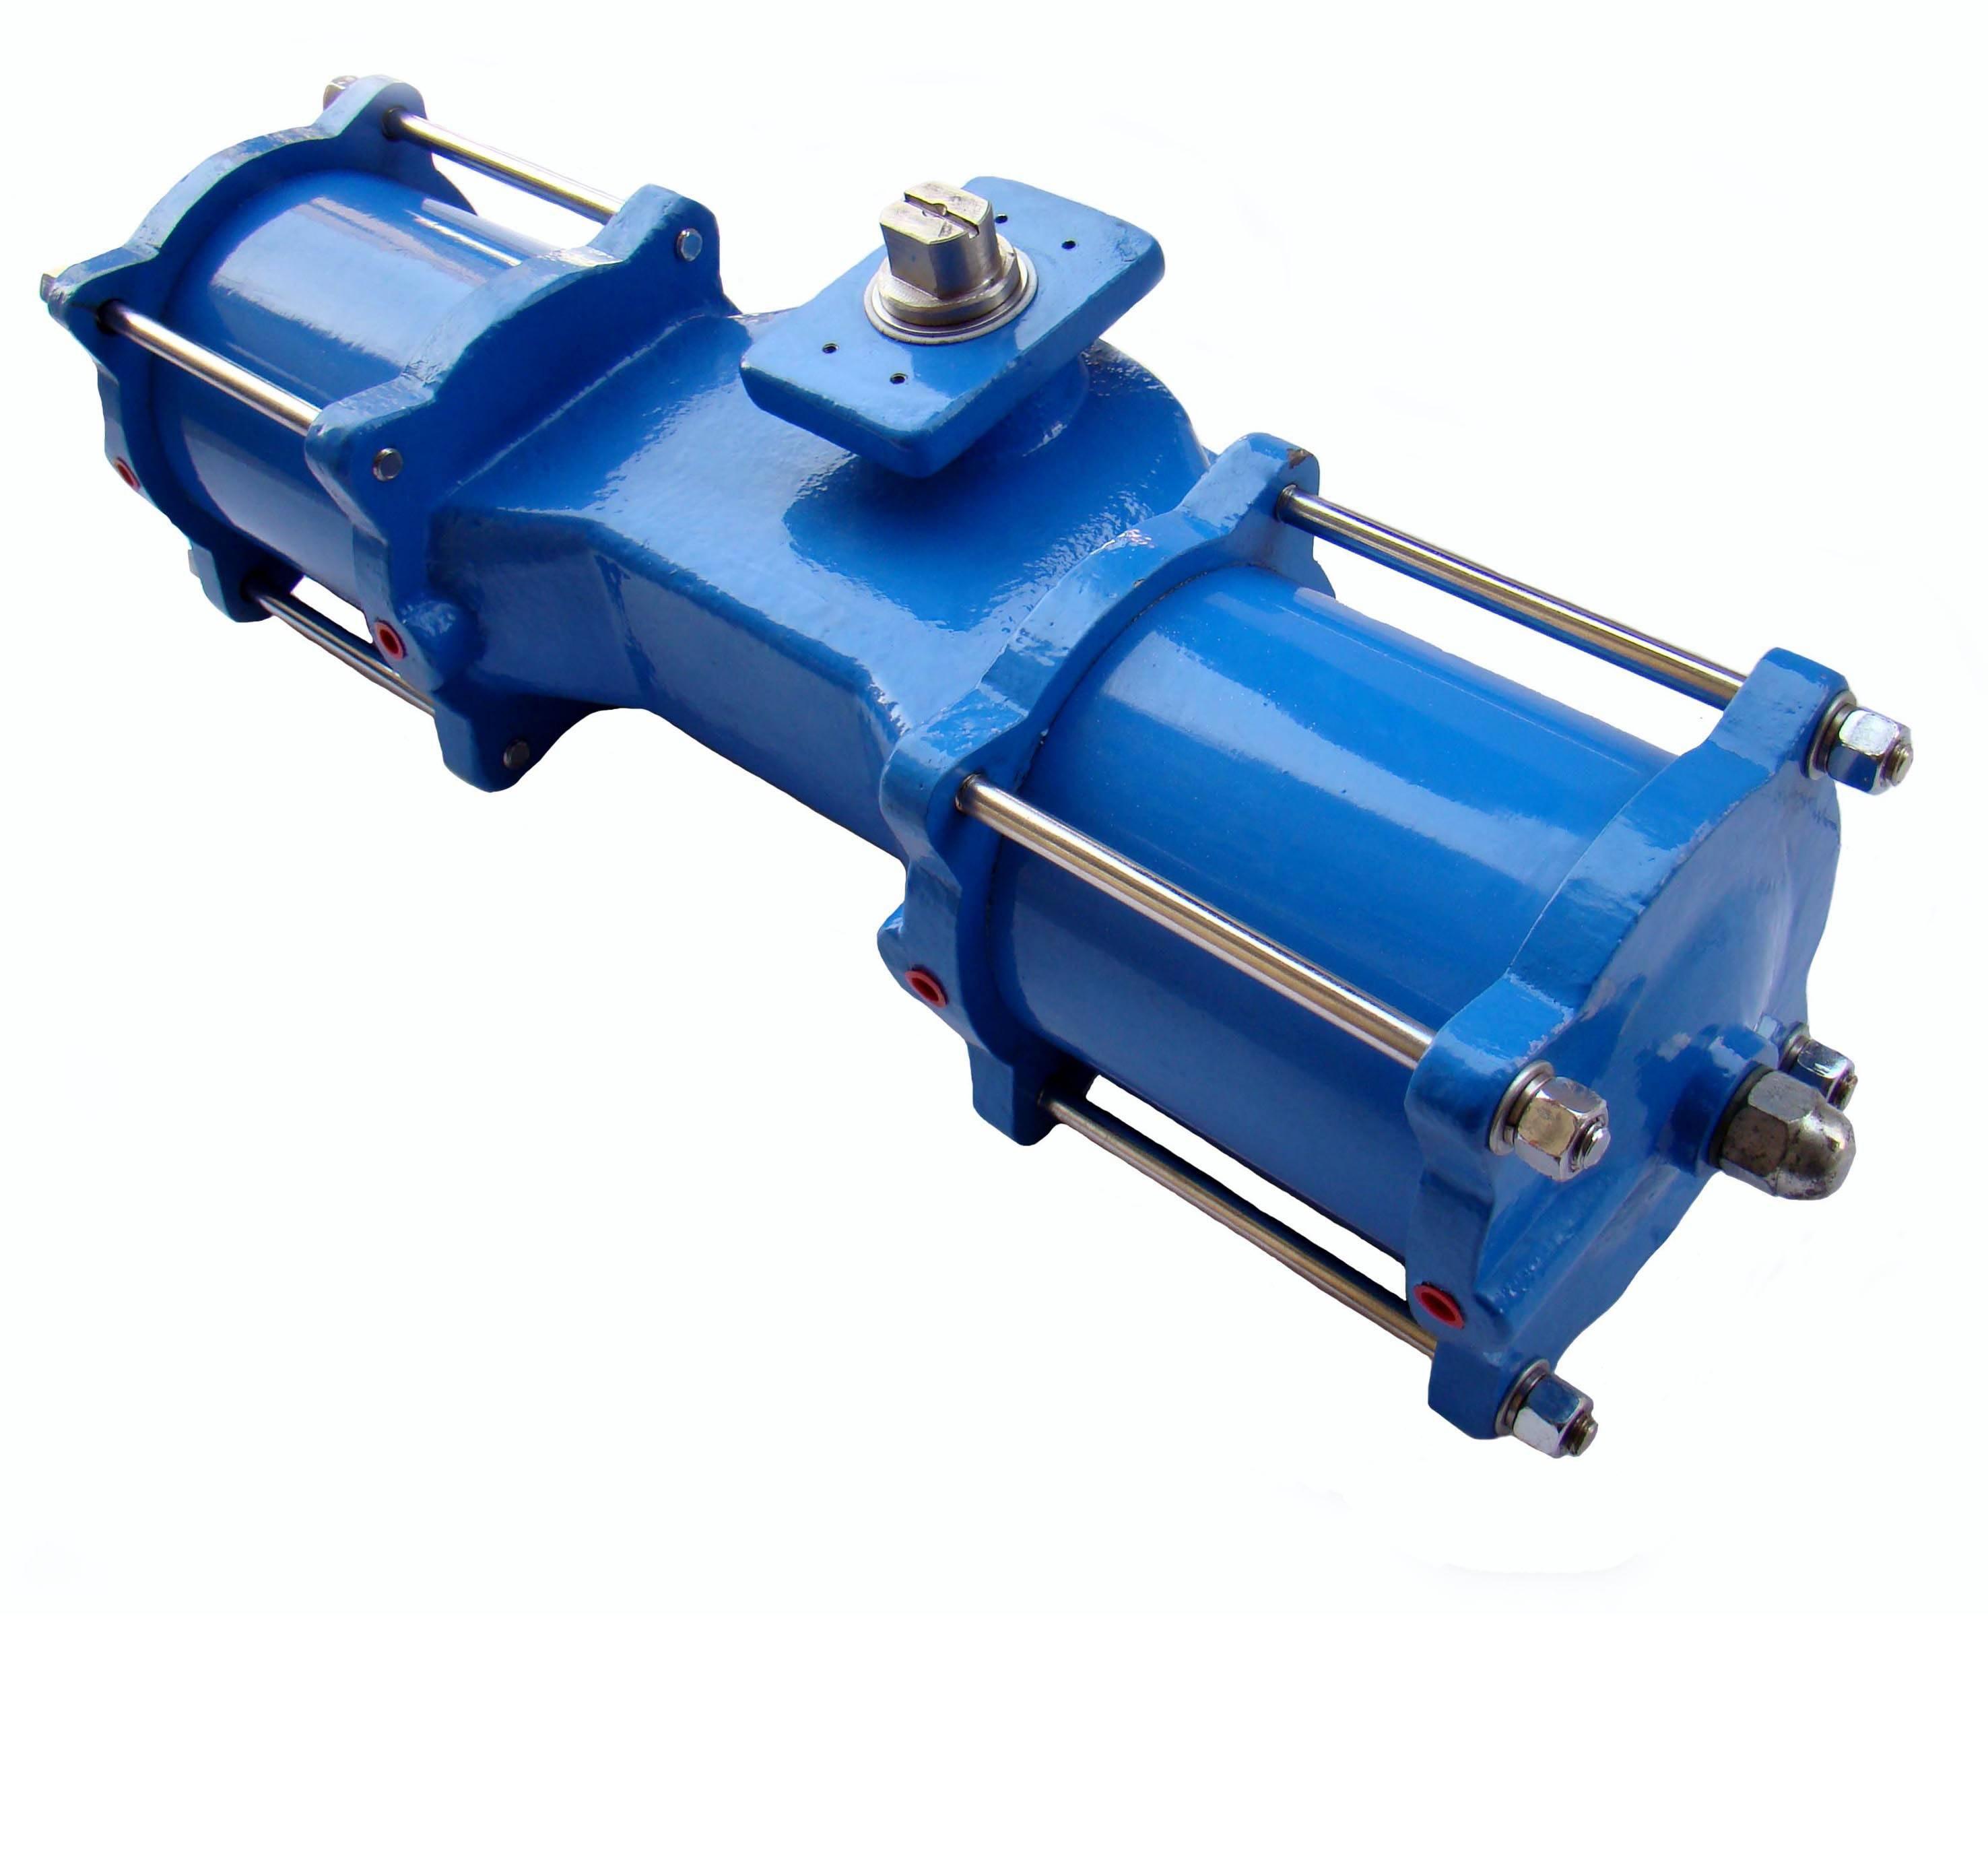 China Scotch Yoke Pneumatic Actuator supplier